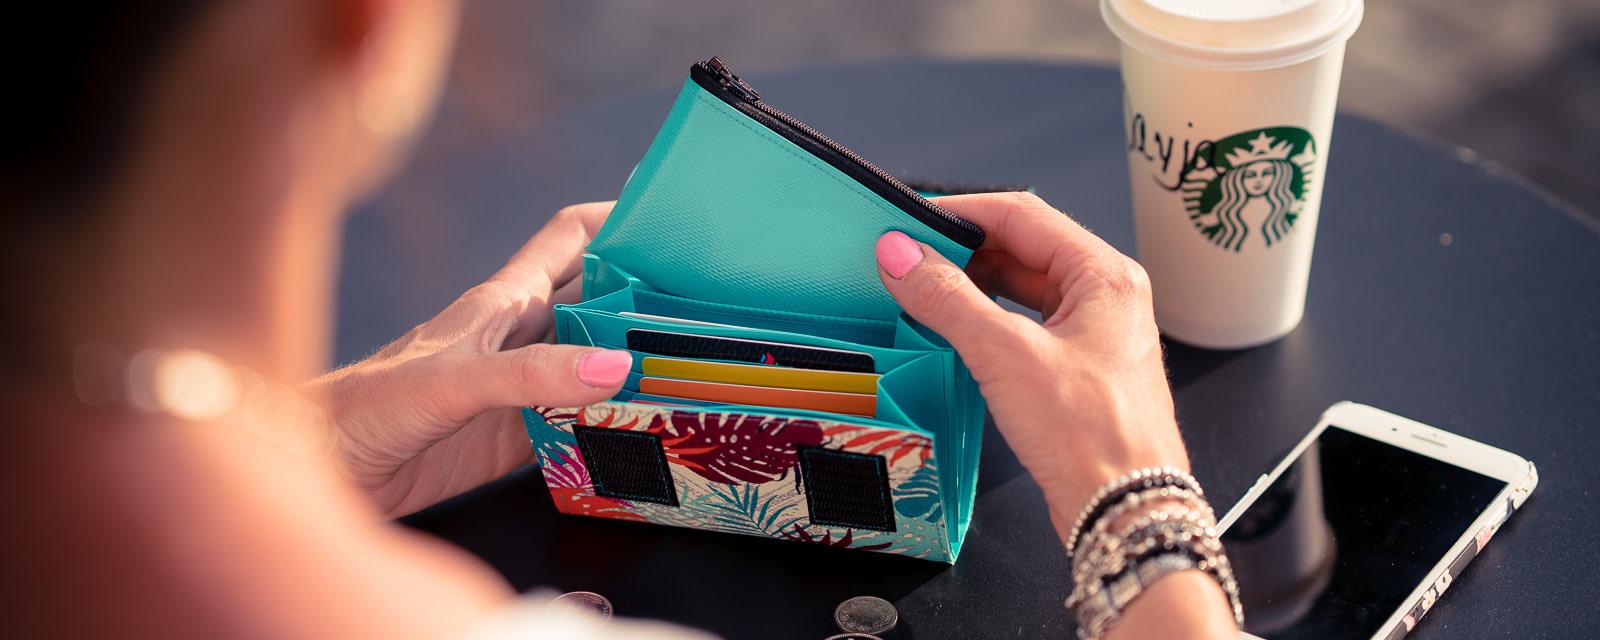 Ein mittelgrosses Portmonee für alle, die gerne auf kleinem Raum viel Platz für Bargeld, Karten und Zettel haben. Mit herausnehmbarem Münzfach.